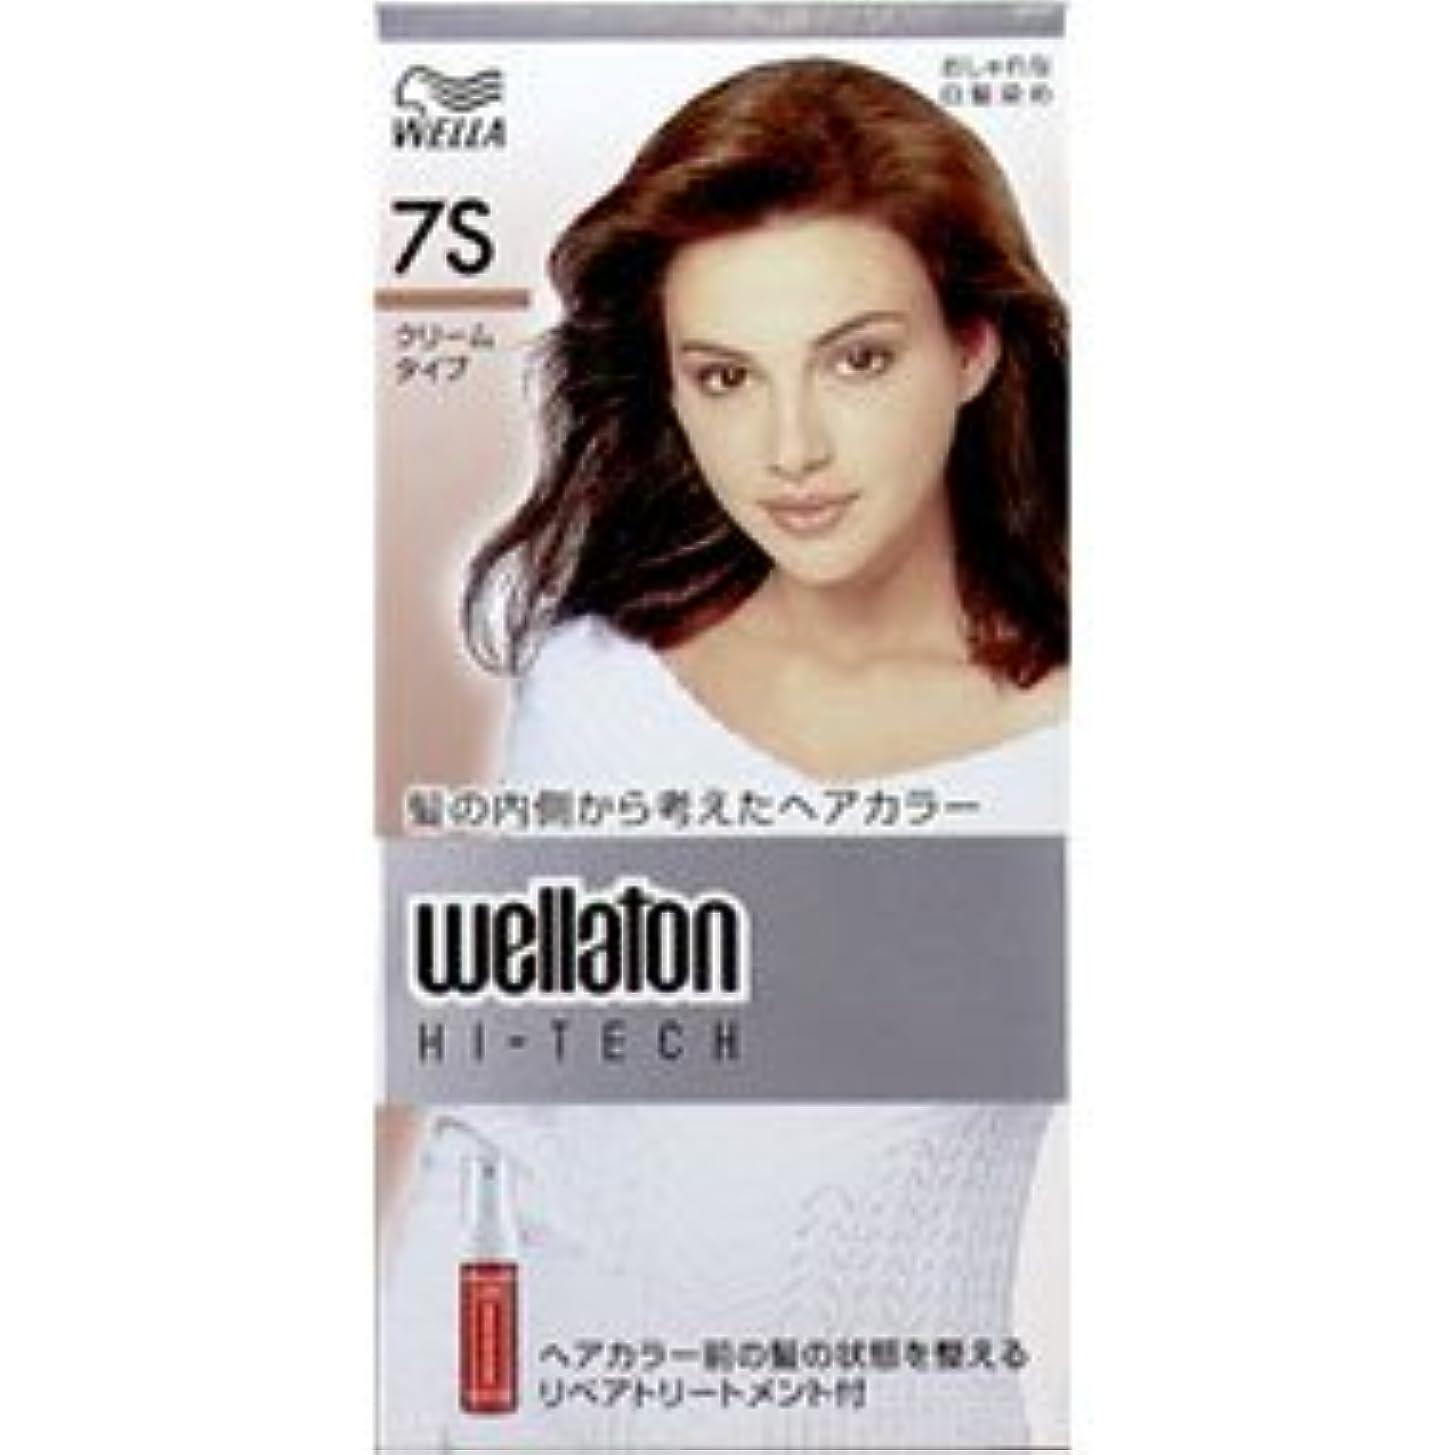 製油所忘れっぽい債権者【ヘアケア】P&G ウエラ ウエラトーン ハイテッククリーム 7S 透明感のある明るい栗色 (医薬部外品) 白髪染めヘアカラー(女性用)×24点セット (4902565140602)